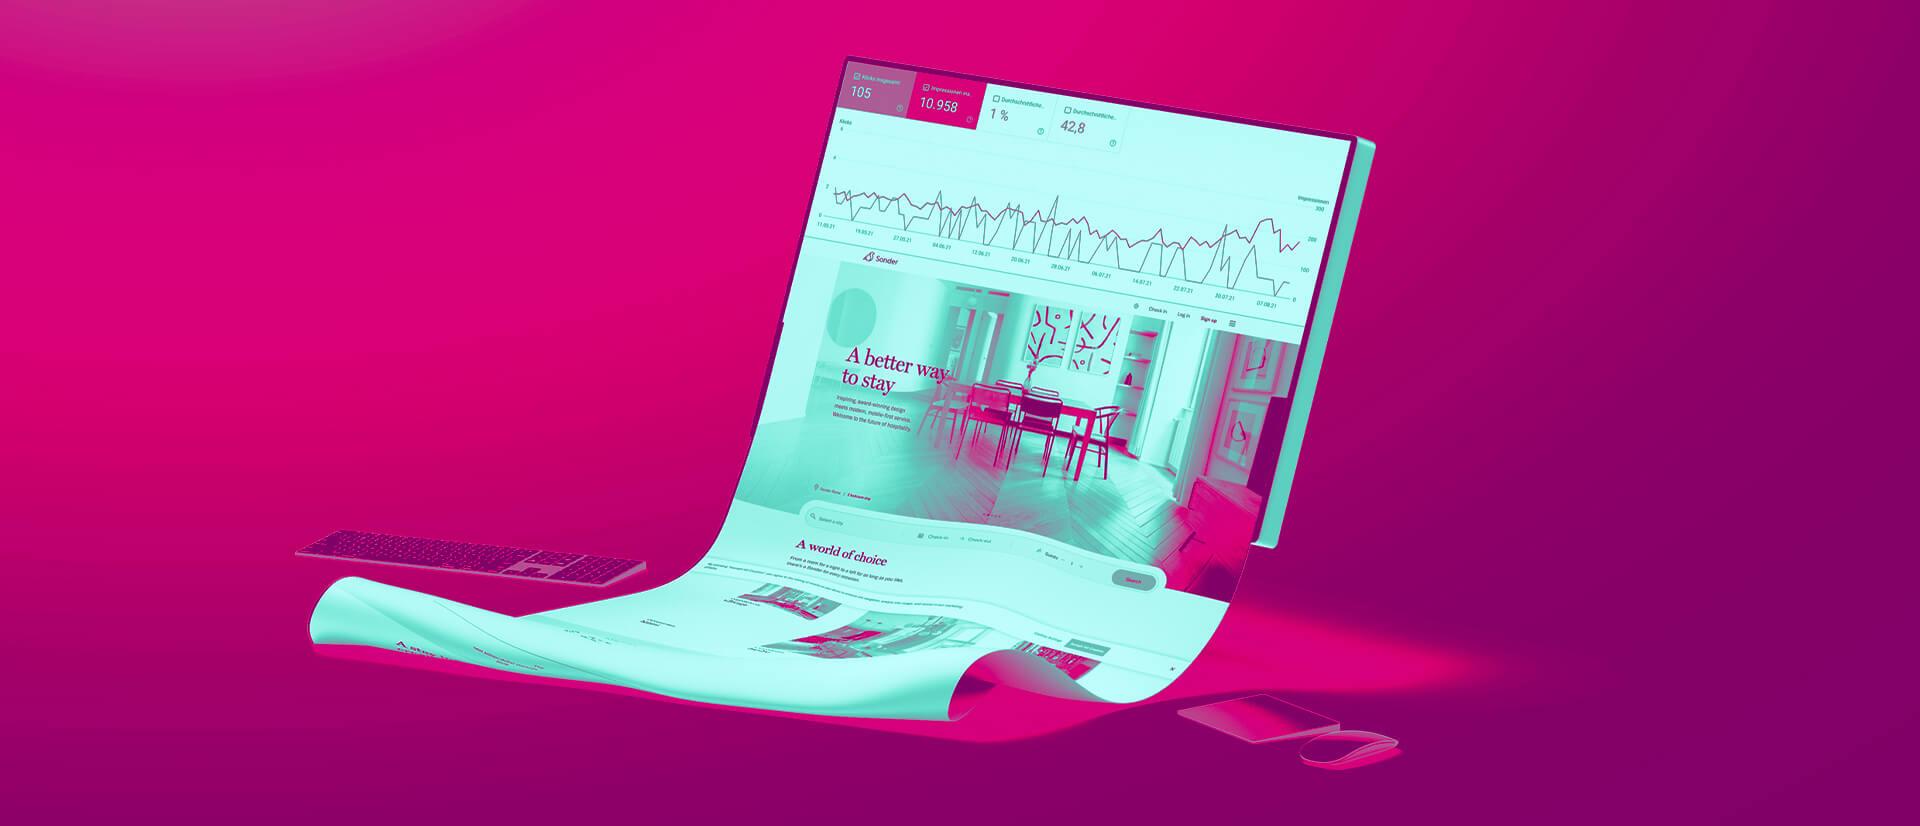 Desktop Bildschirm mit Screenshot einer Statistik.